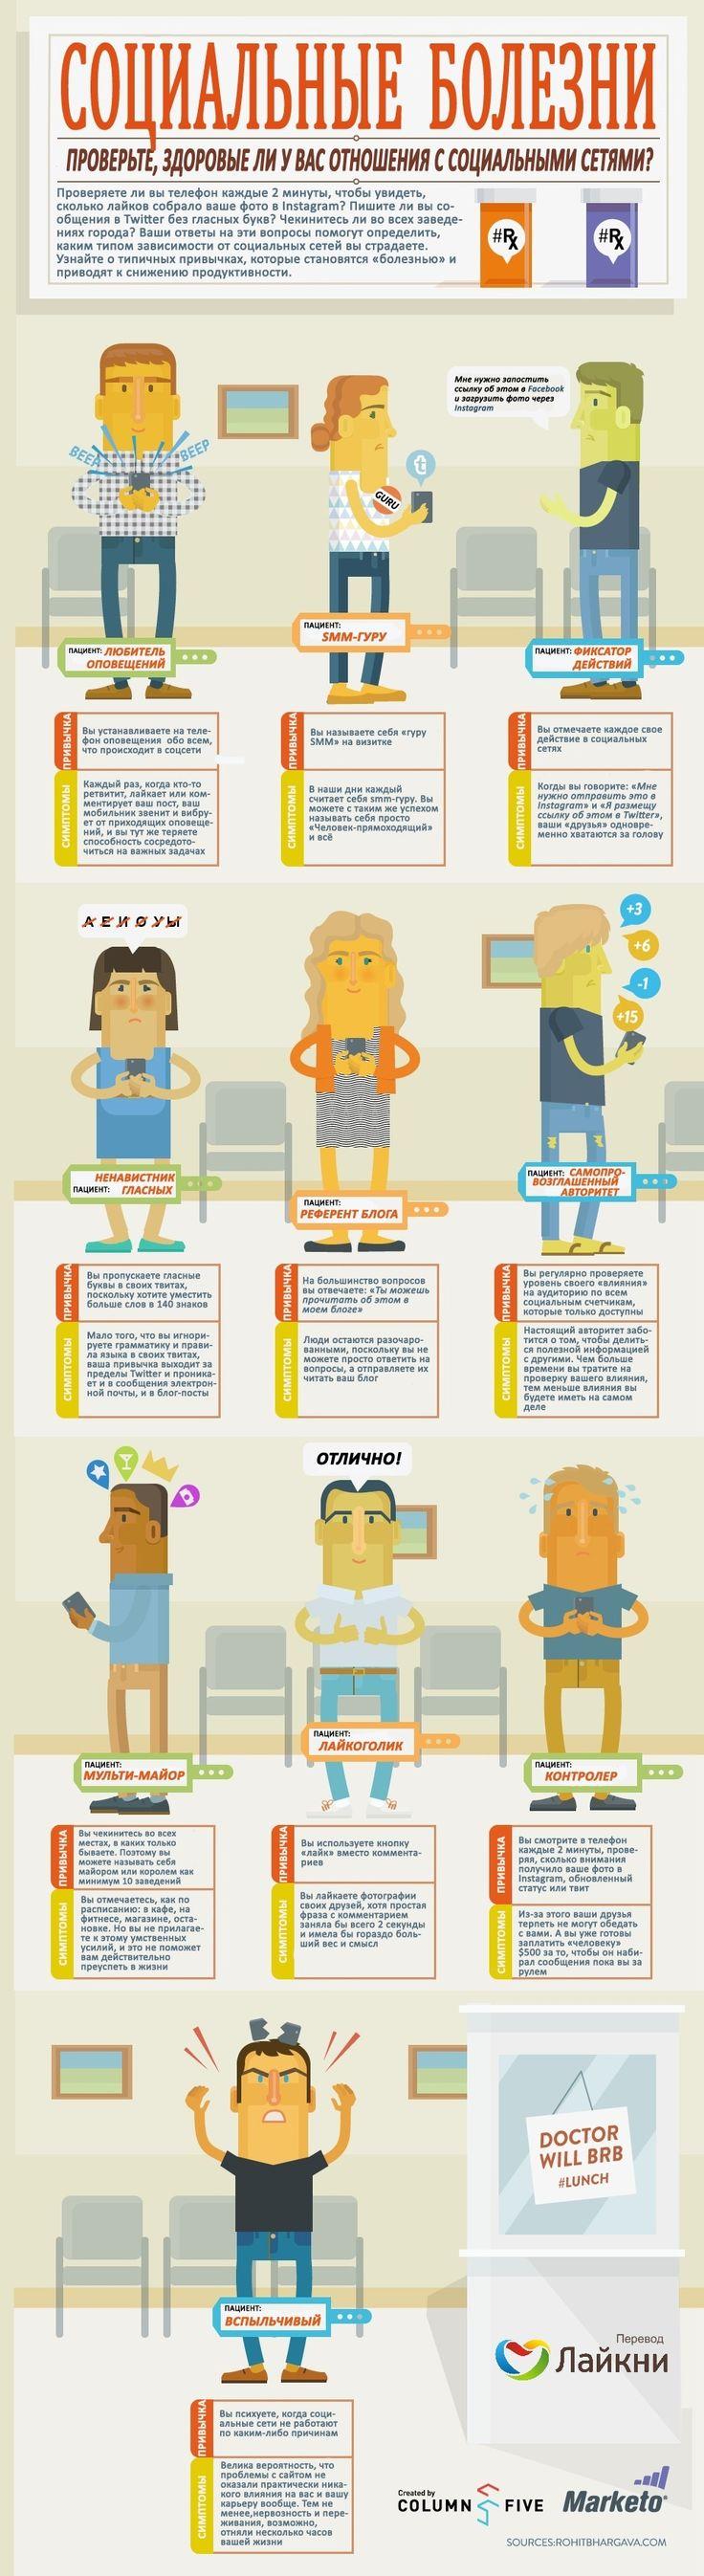 Проверьте, здоровые ли у вас отношения с социальными сетями. Представленная ниже инфографика позволит выявить 10 типичных привычек, которые превращаются в «социальные болезни».#инфографика